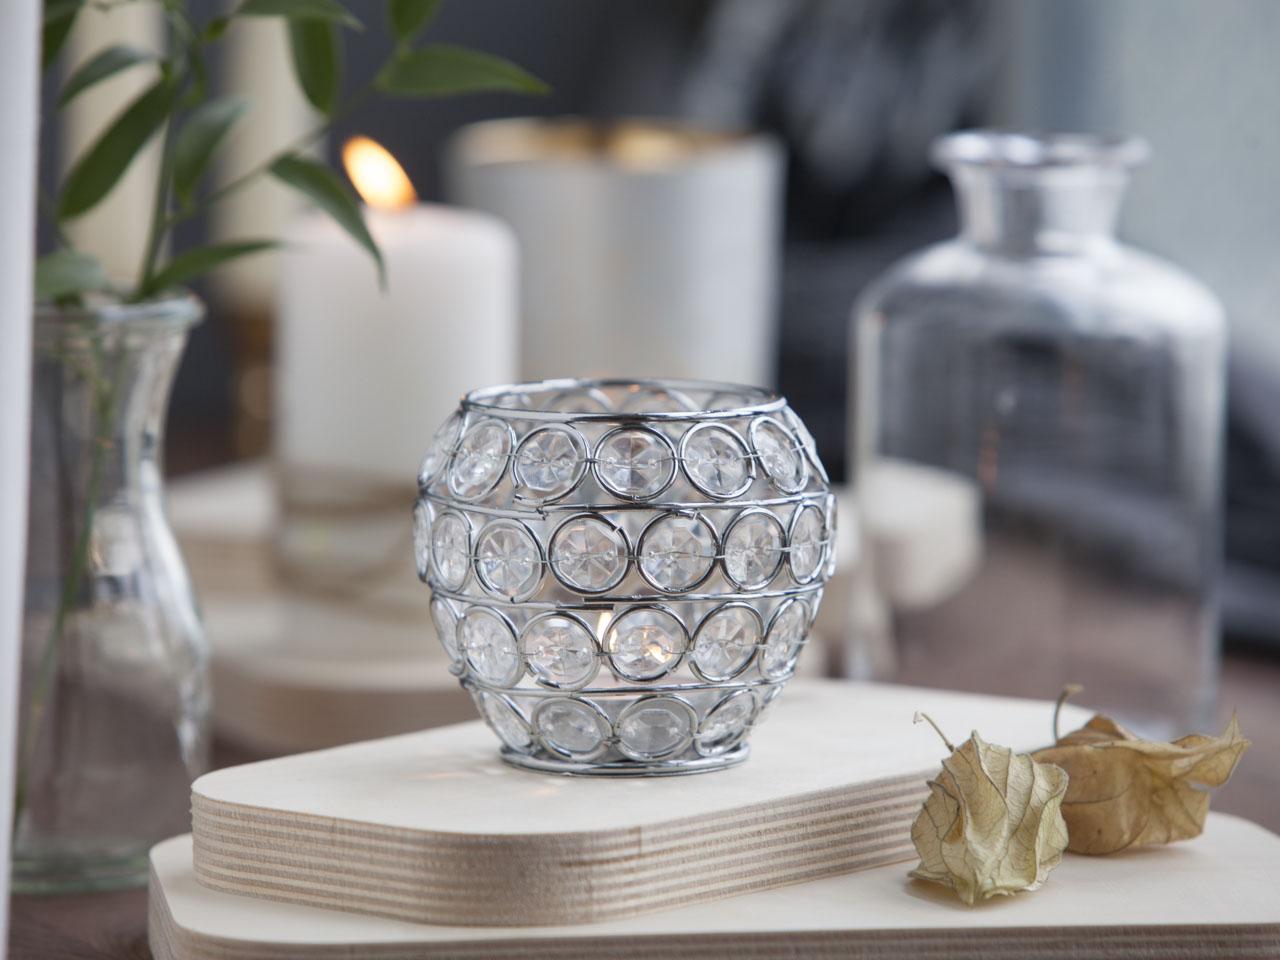 Świecznik ozdobny dekoracyjny z kryształkami na tealight Altom Design kula 8,5 cm